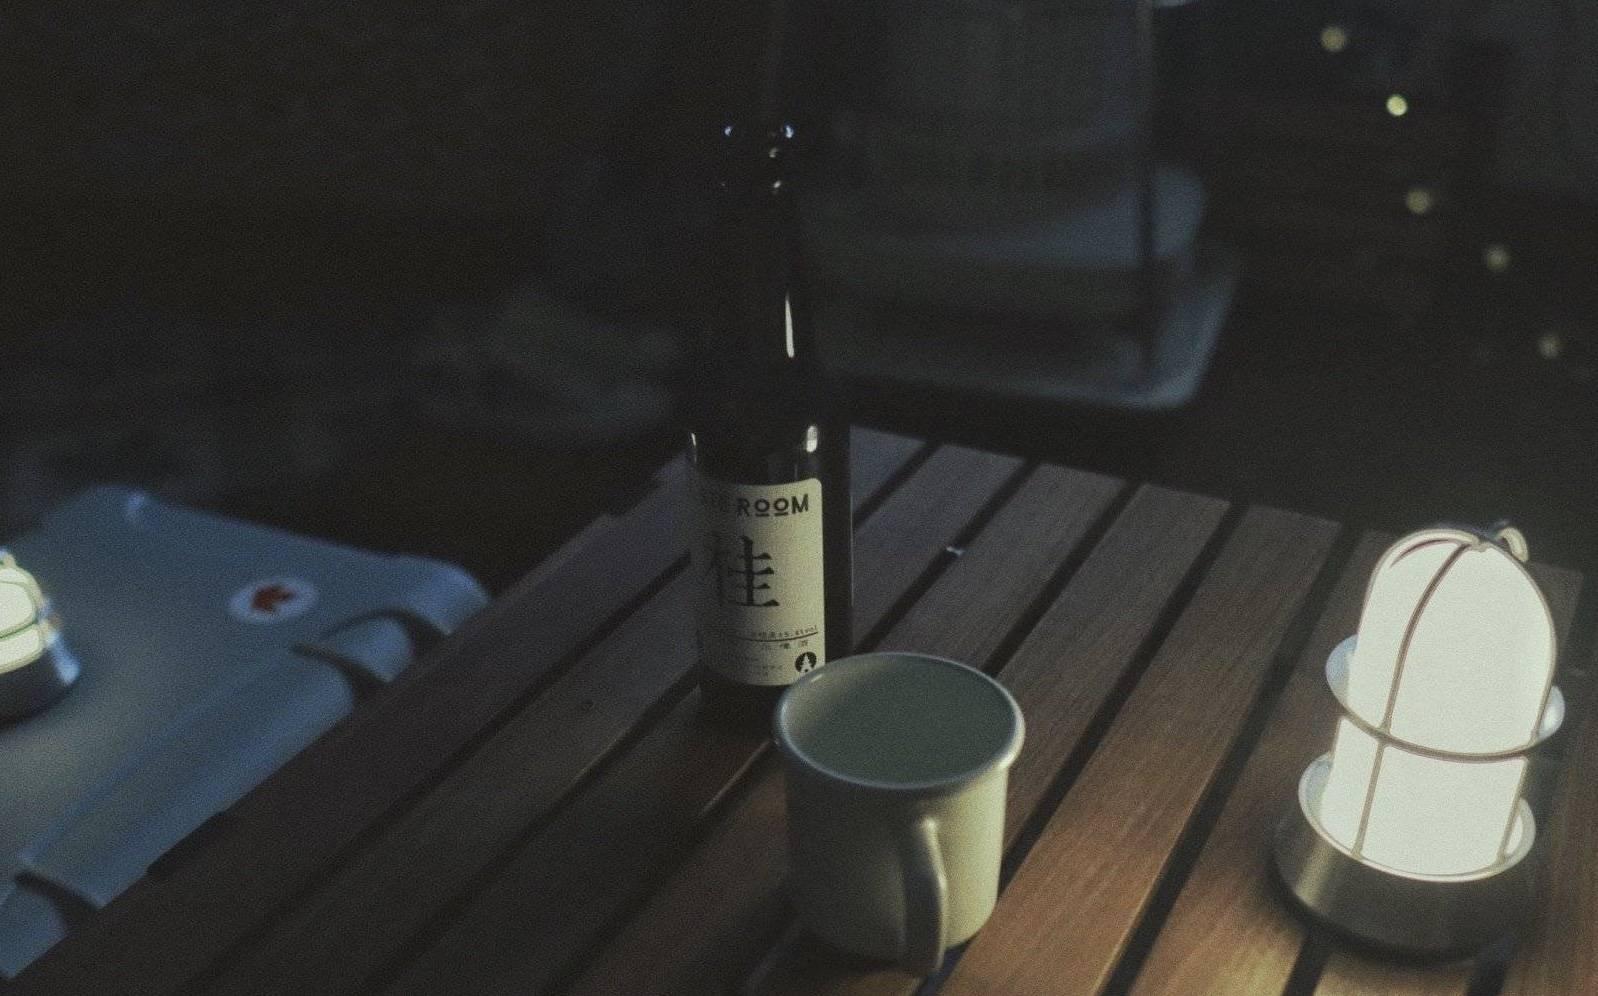 vlog:近期爱用品(夏下)